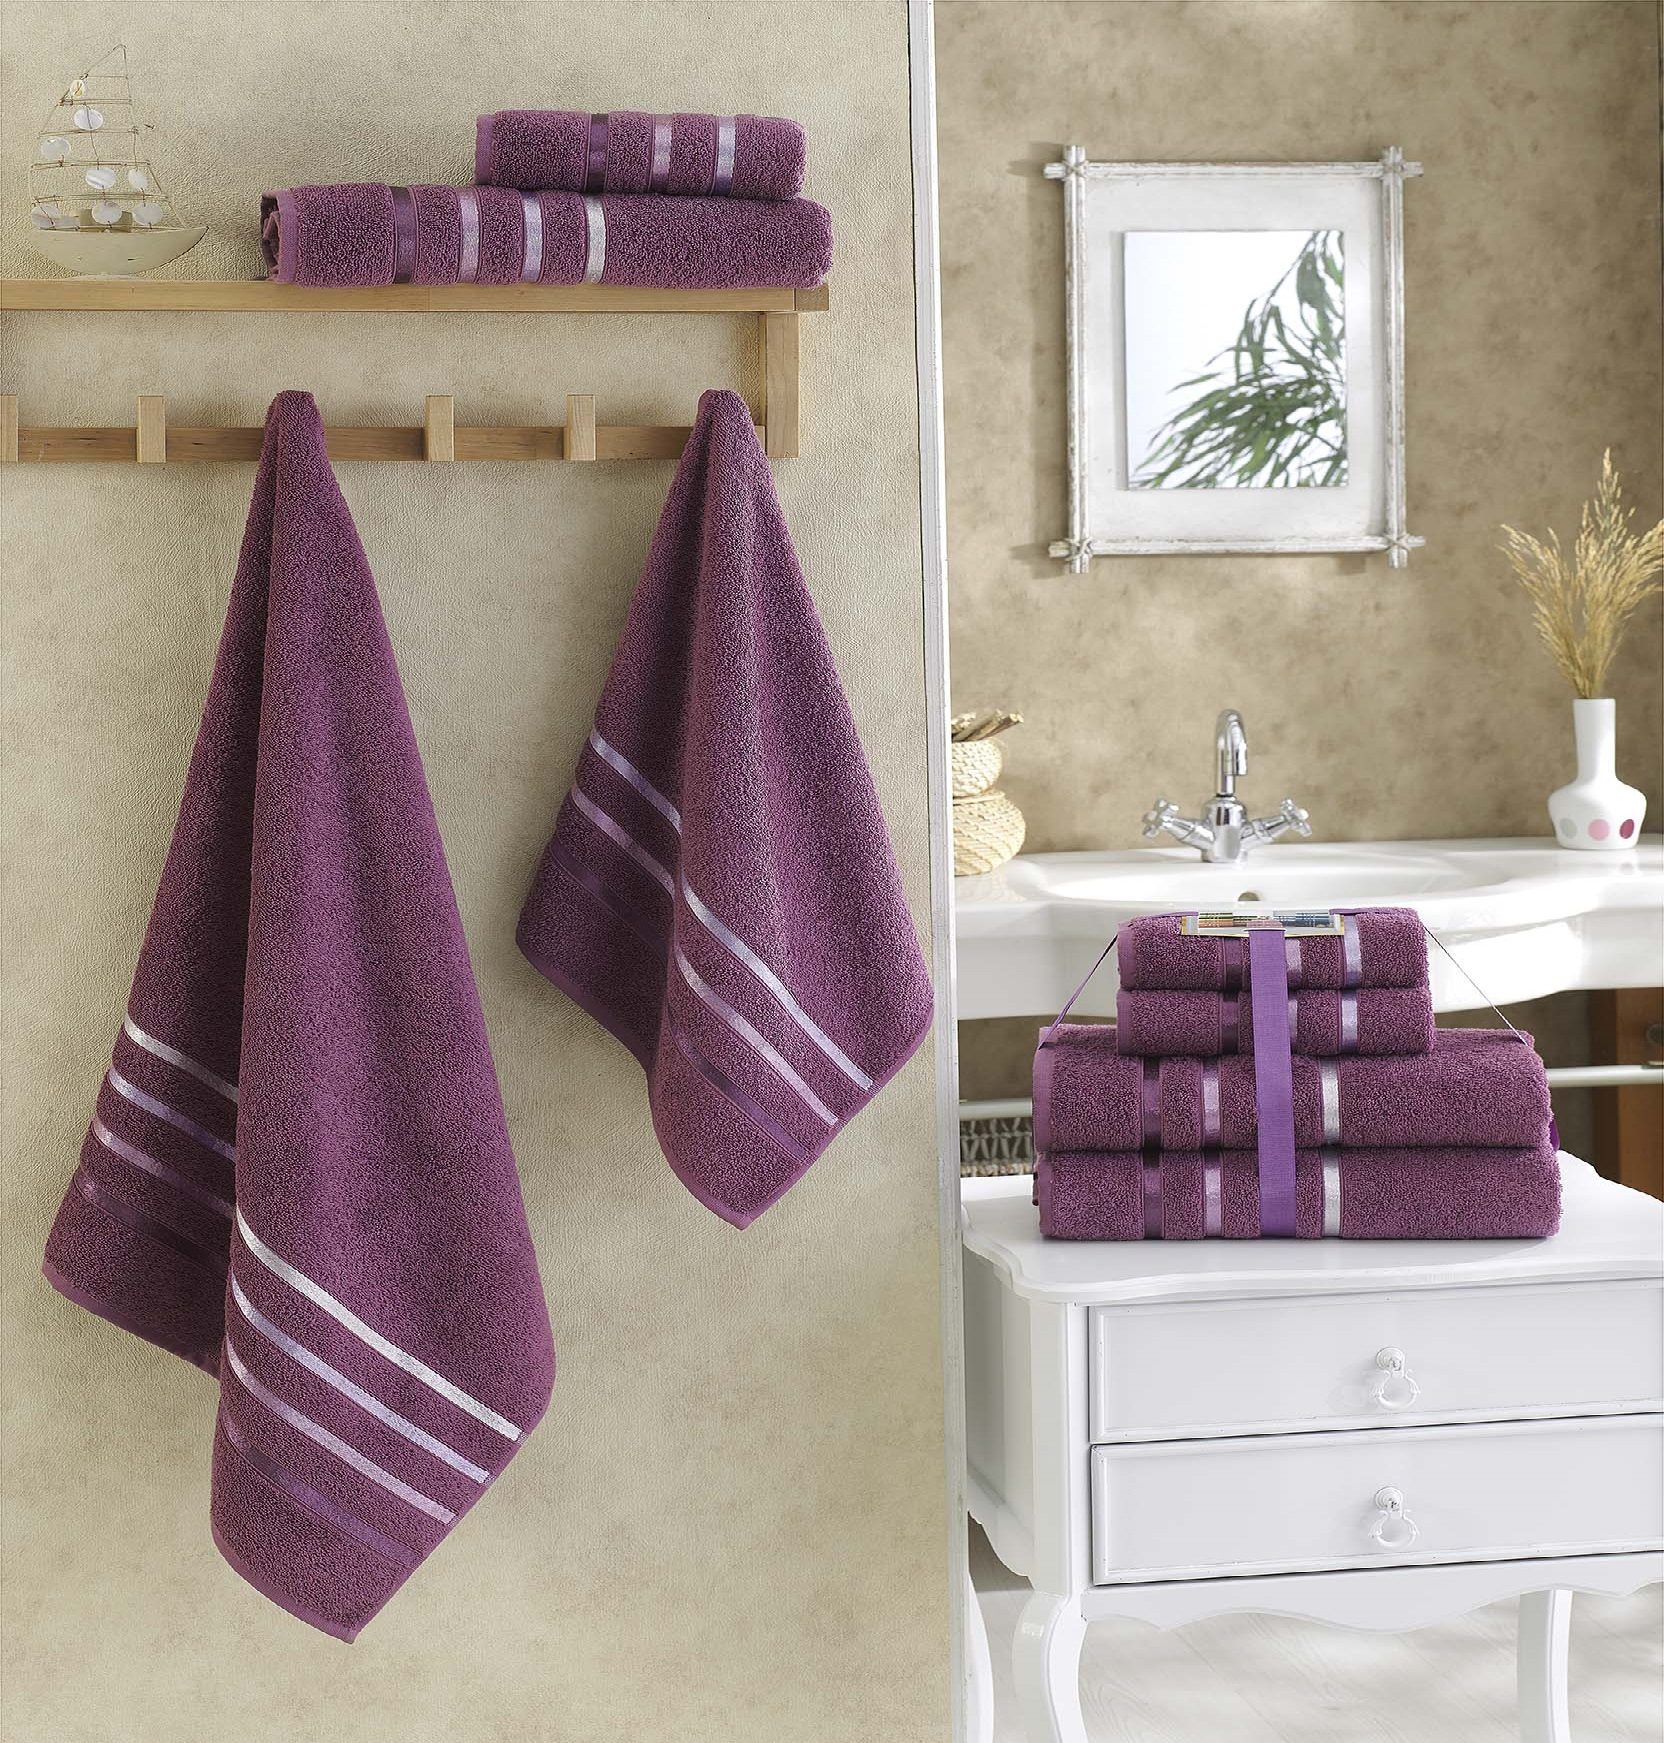 Полотенца Karna, Полотенце Bale Цвет: Светло-Лавандовый (Набор), Турция, Фиолетовый, Махра  - Купить